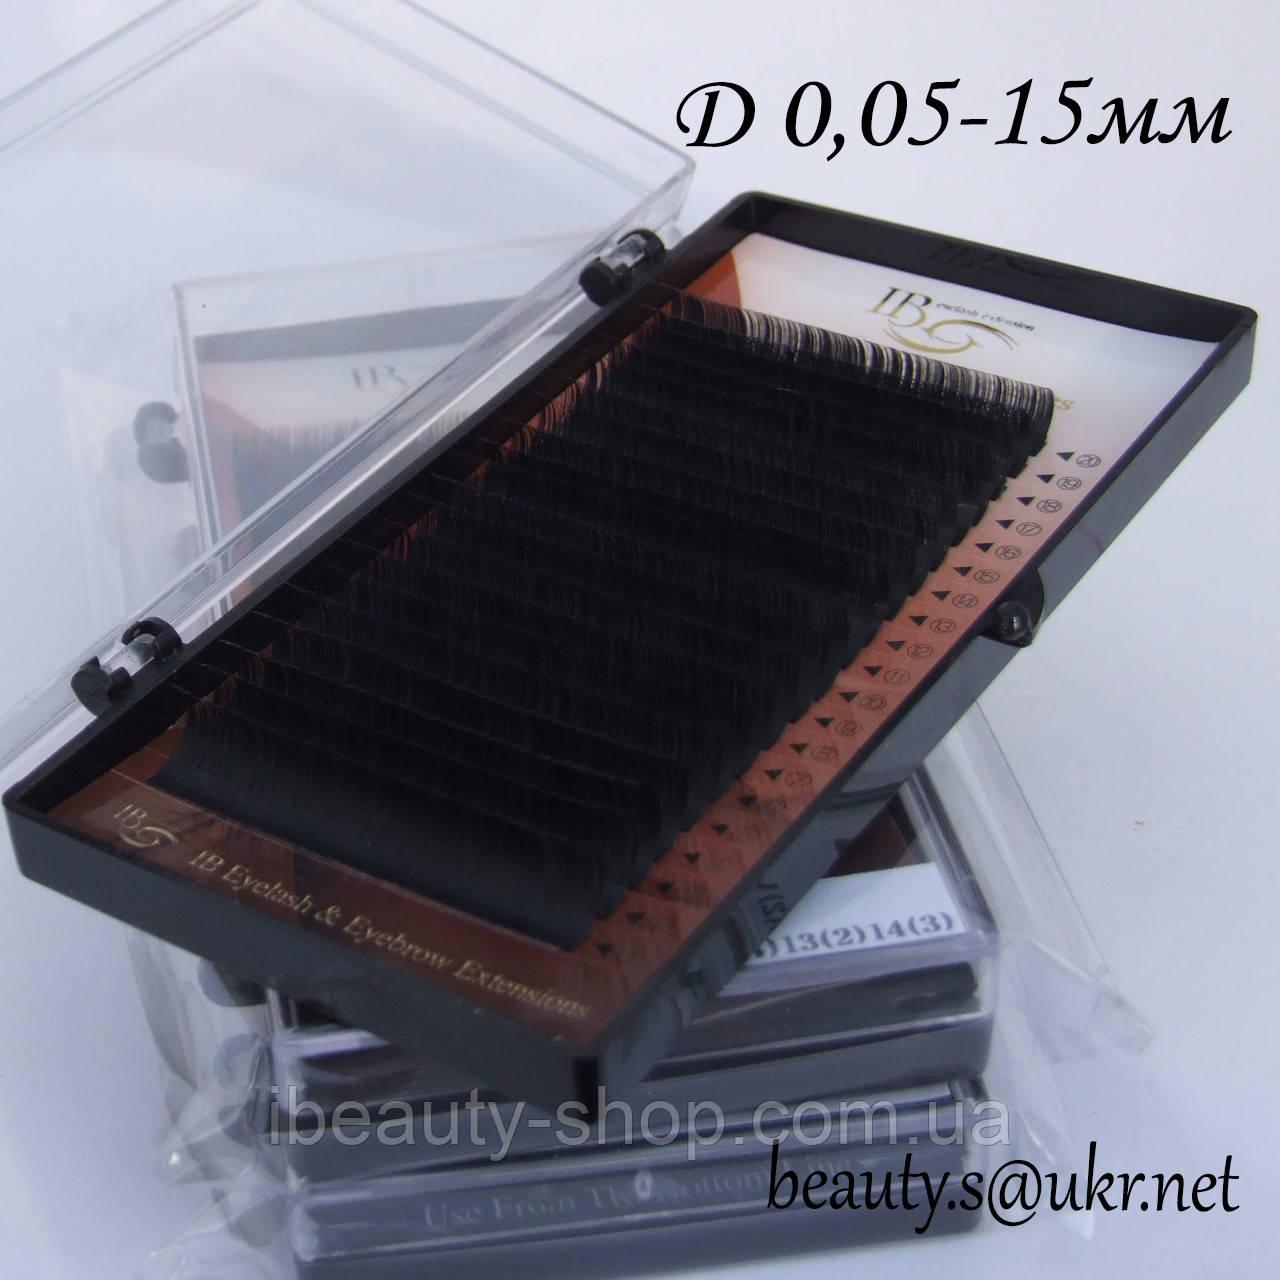 Ресницы  I-Beauty на ленте D-0,05 15мм